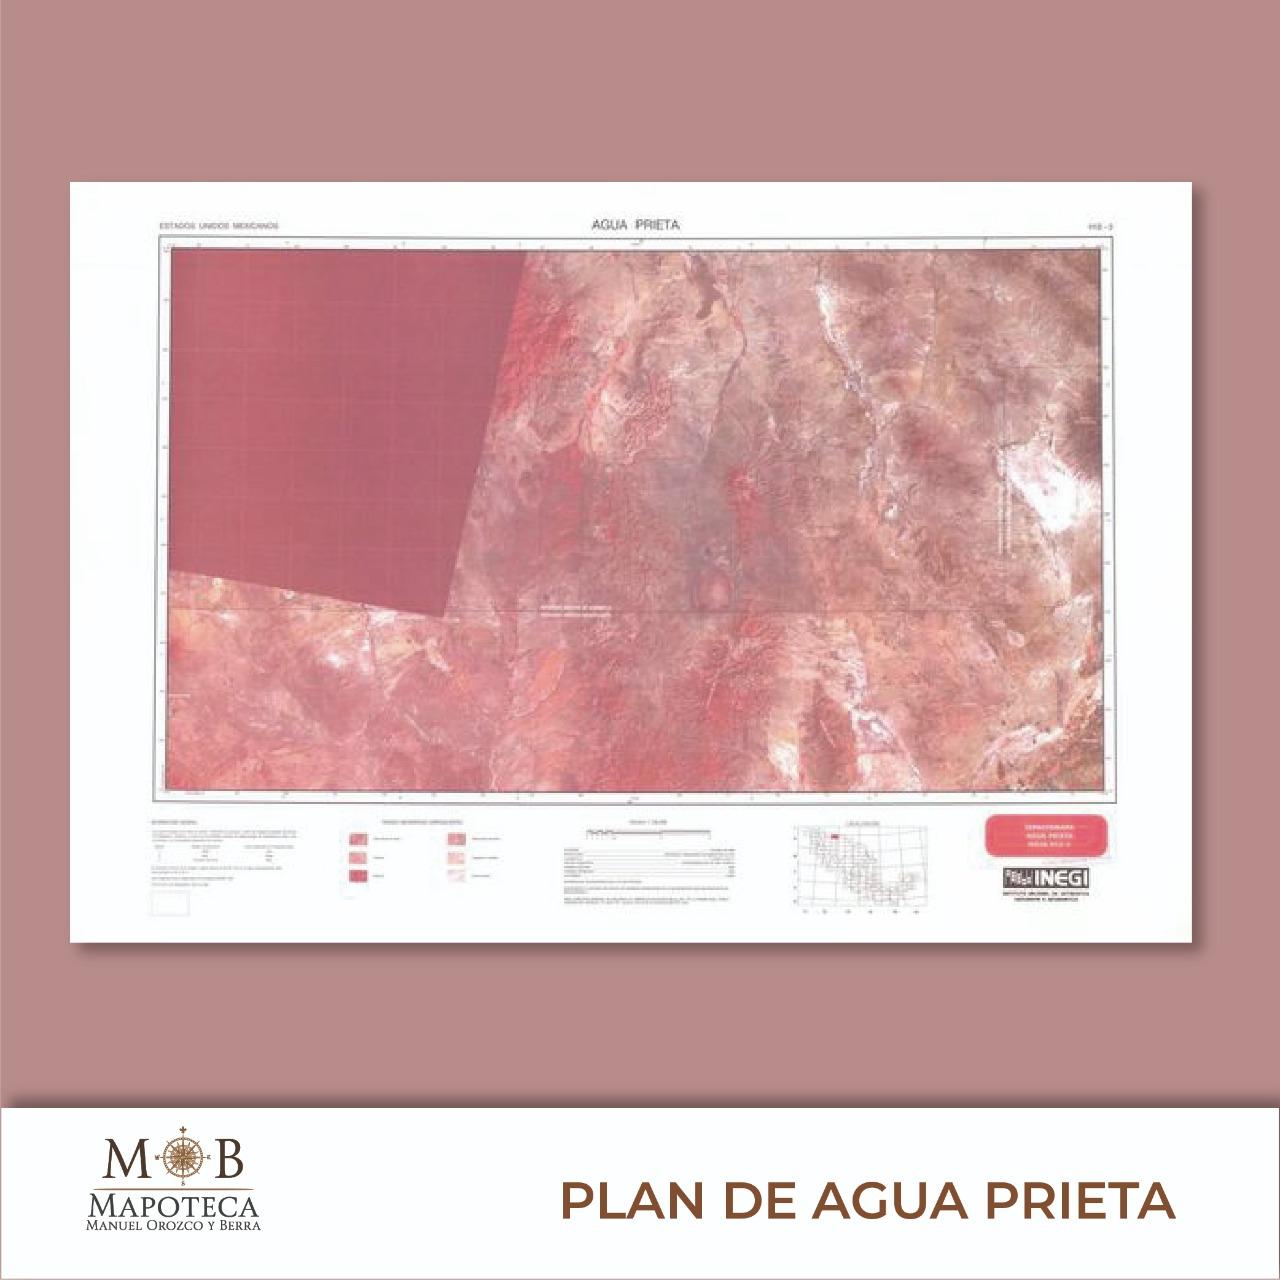 """Para recordar un año más de la proclamación del Plan de Agua Prieta, la Mapoteca Manuel Orozco y Berra presenta esta imagen titulada: """"Espaciomapa de Agua Prieta""""."""